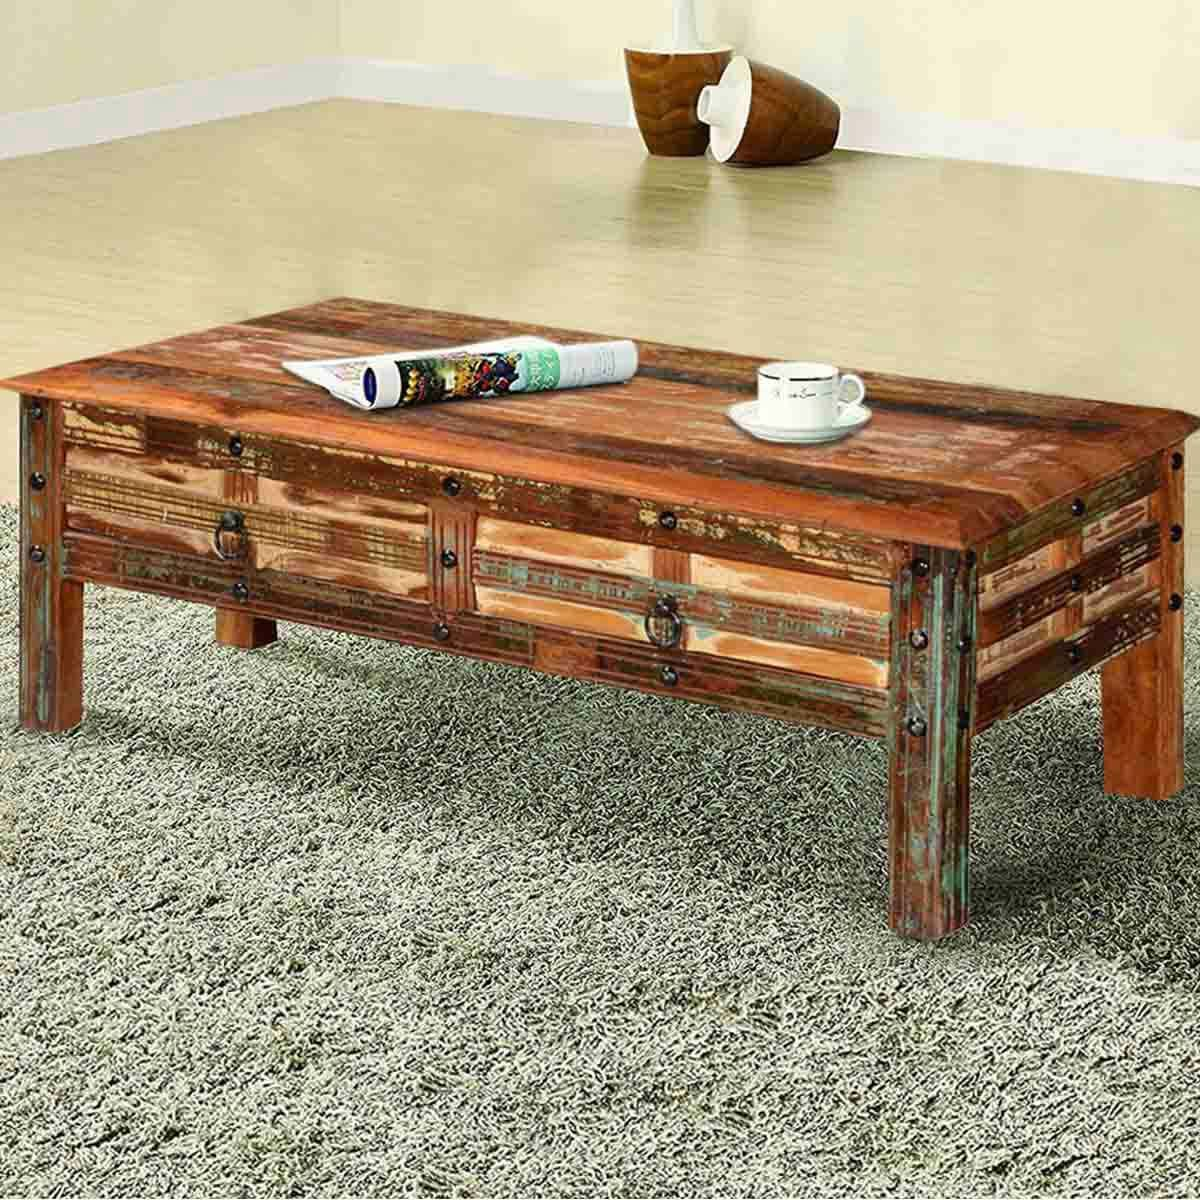 Pioneer Rustic Reclaimed Wood 2 Drawer Coffee Table In 2021 Wood Coffee Table Rustic Wood Coffee Table Design Rustic Coffee Tables [ 1200 x 1200 Pixel ]